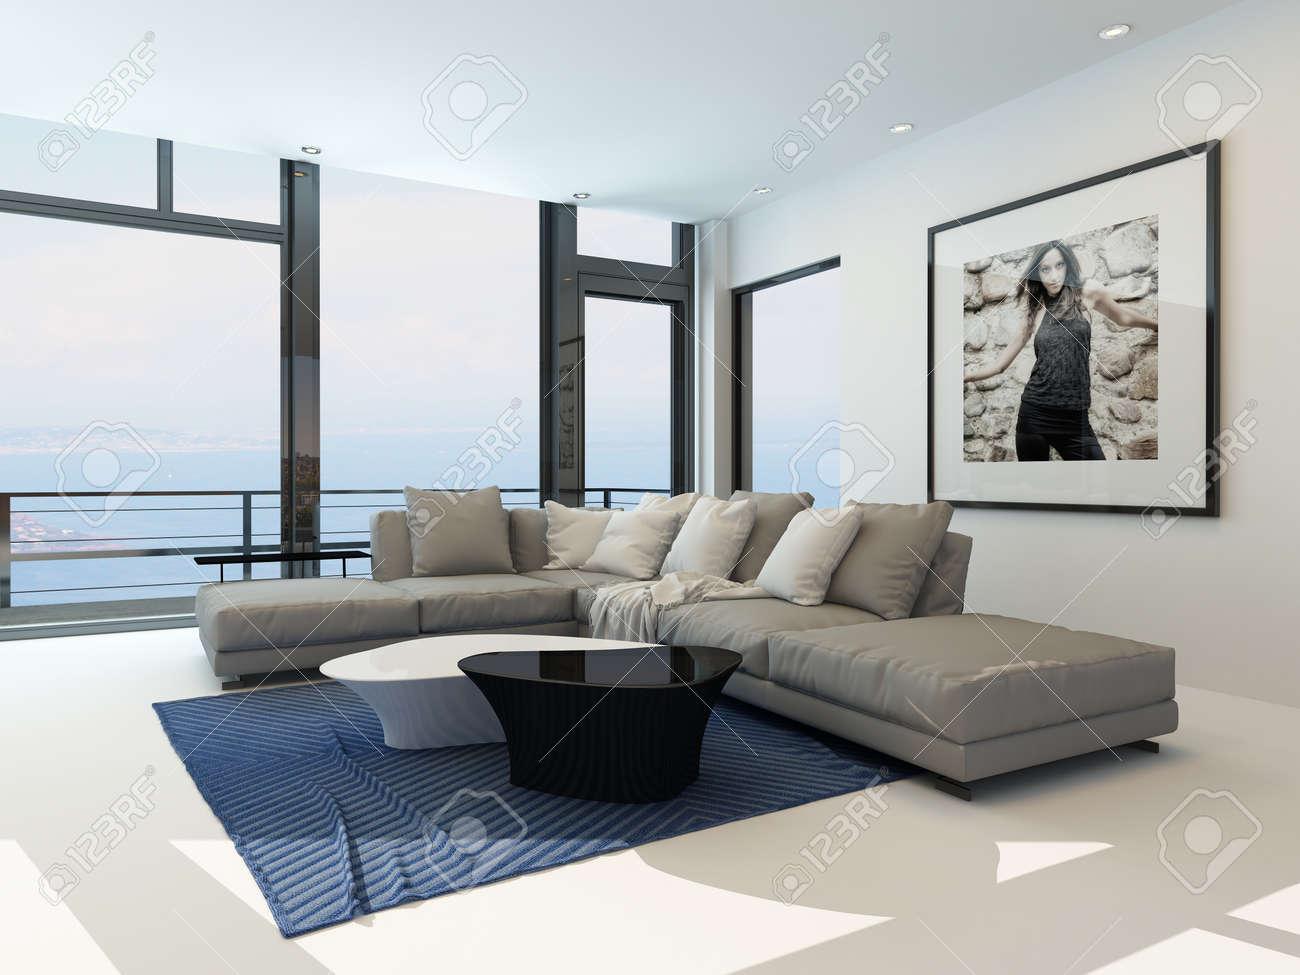 Interieur wohnen  Modernes Wohnen Am Wasser Zimmer Mit Einem Hellen Luftigen Lounge ...